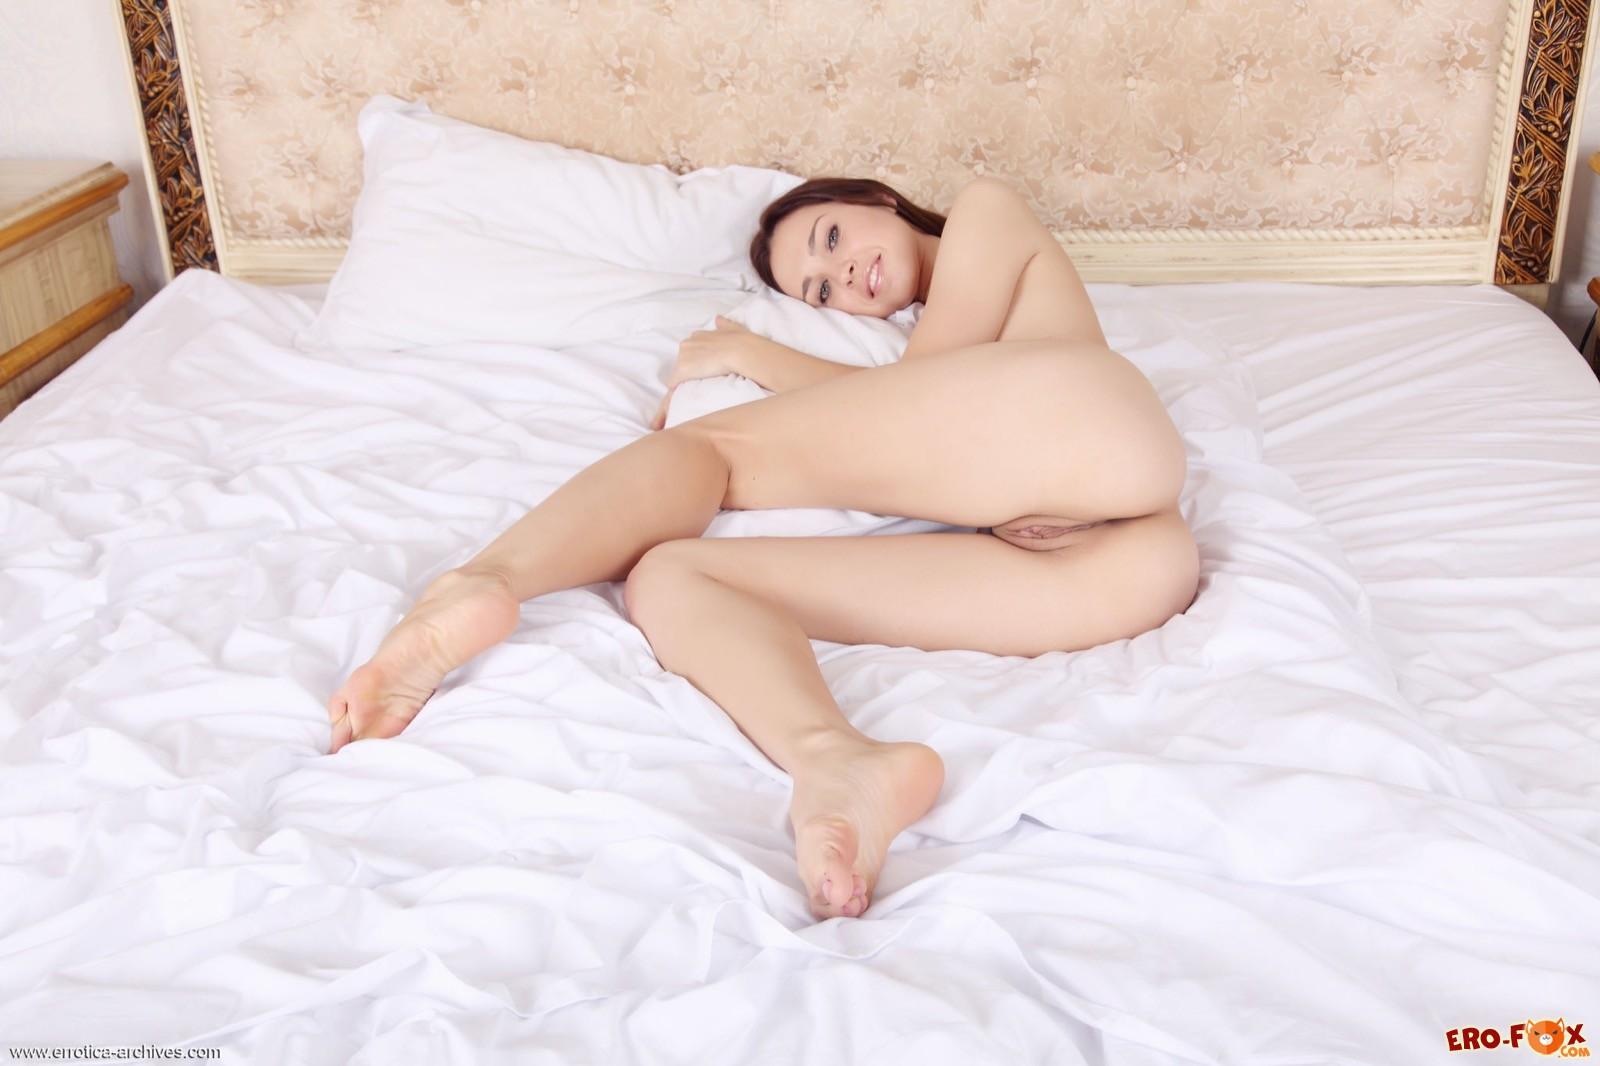 Раздетая девушка эротично показывает тело в постели